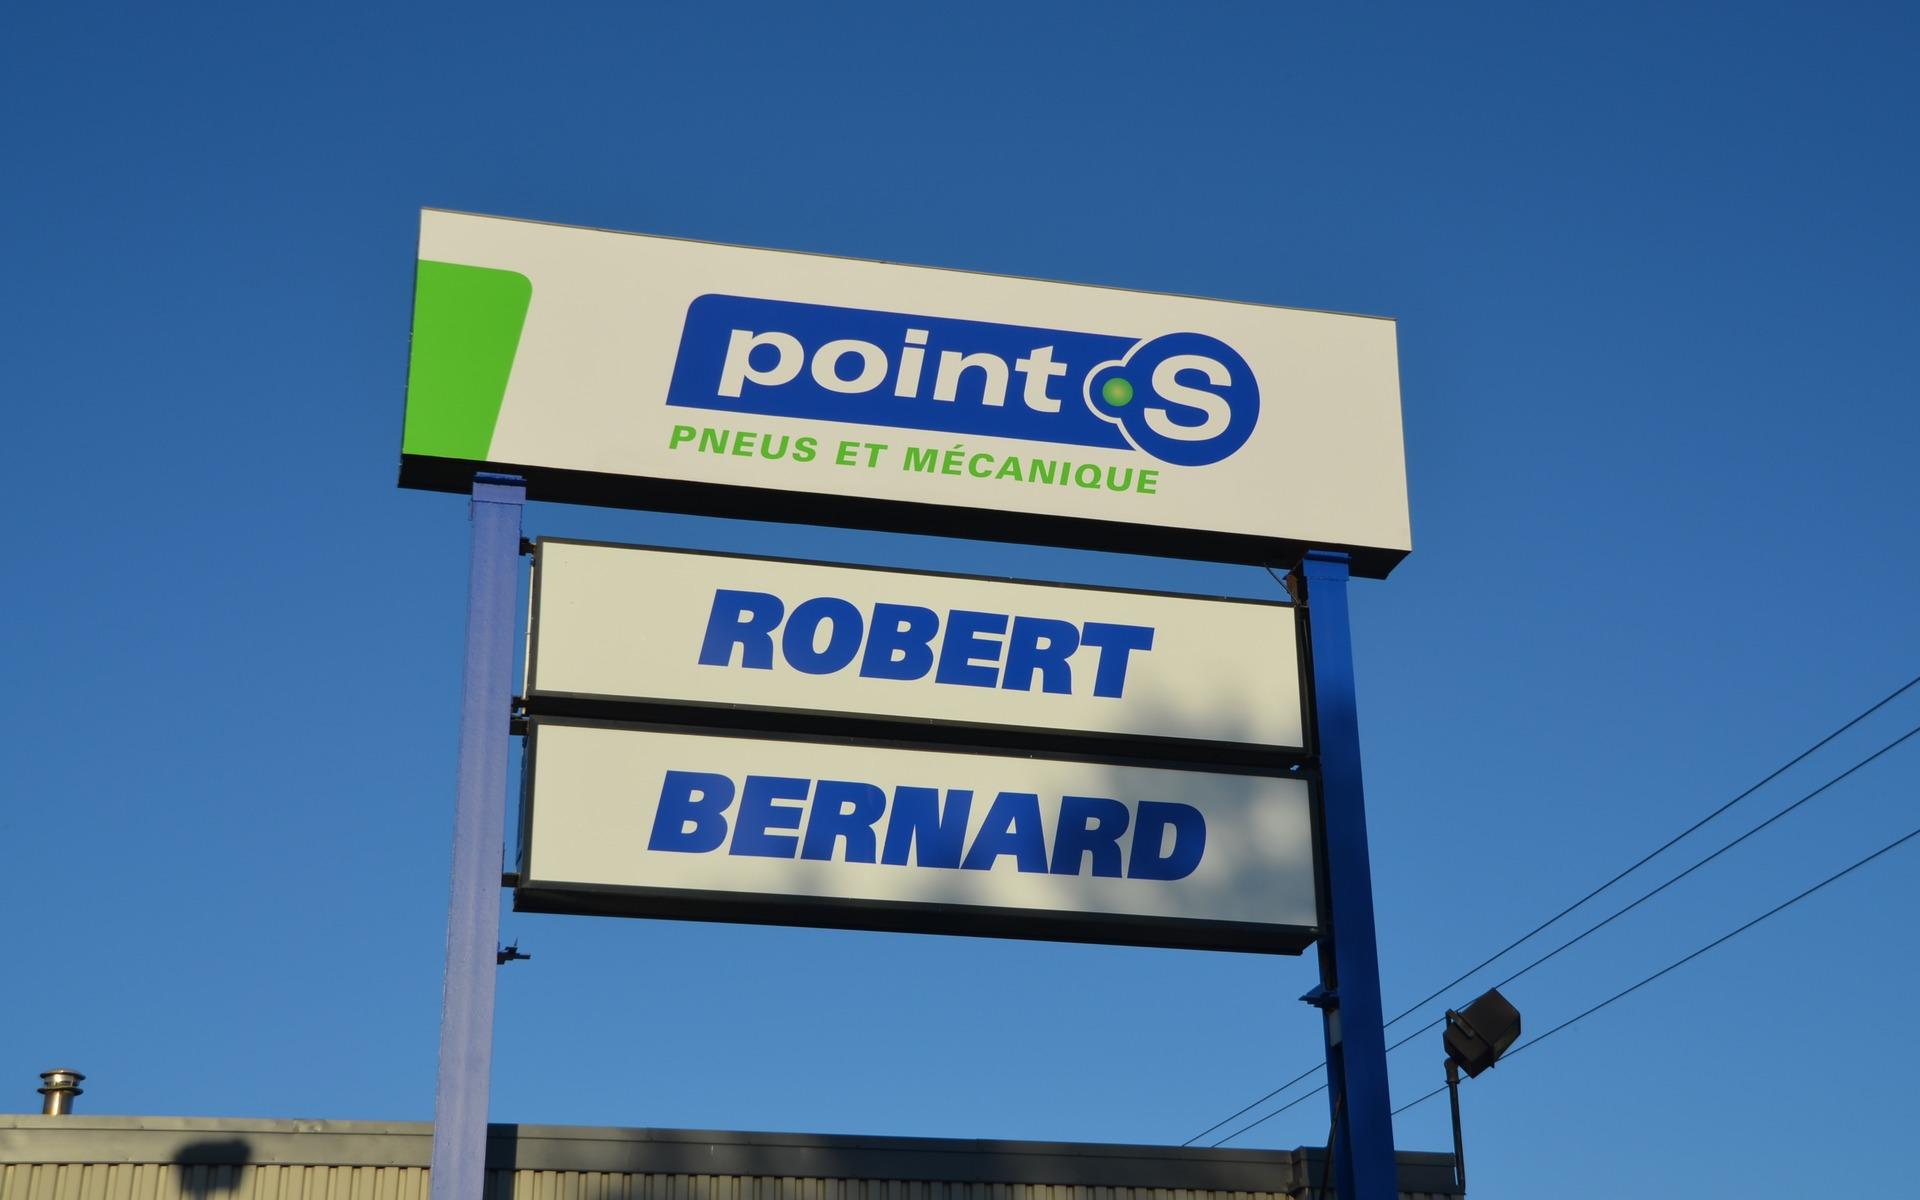 Pneu Robert Bernard >> Notre Corvette 68 Roulera Grace A Robert Bernard Pneus Et Mecanique